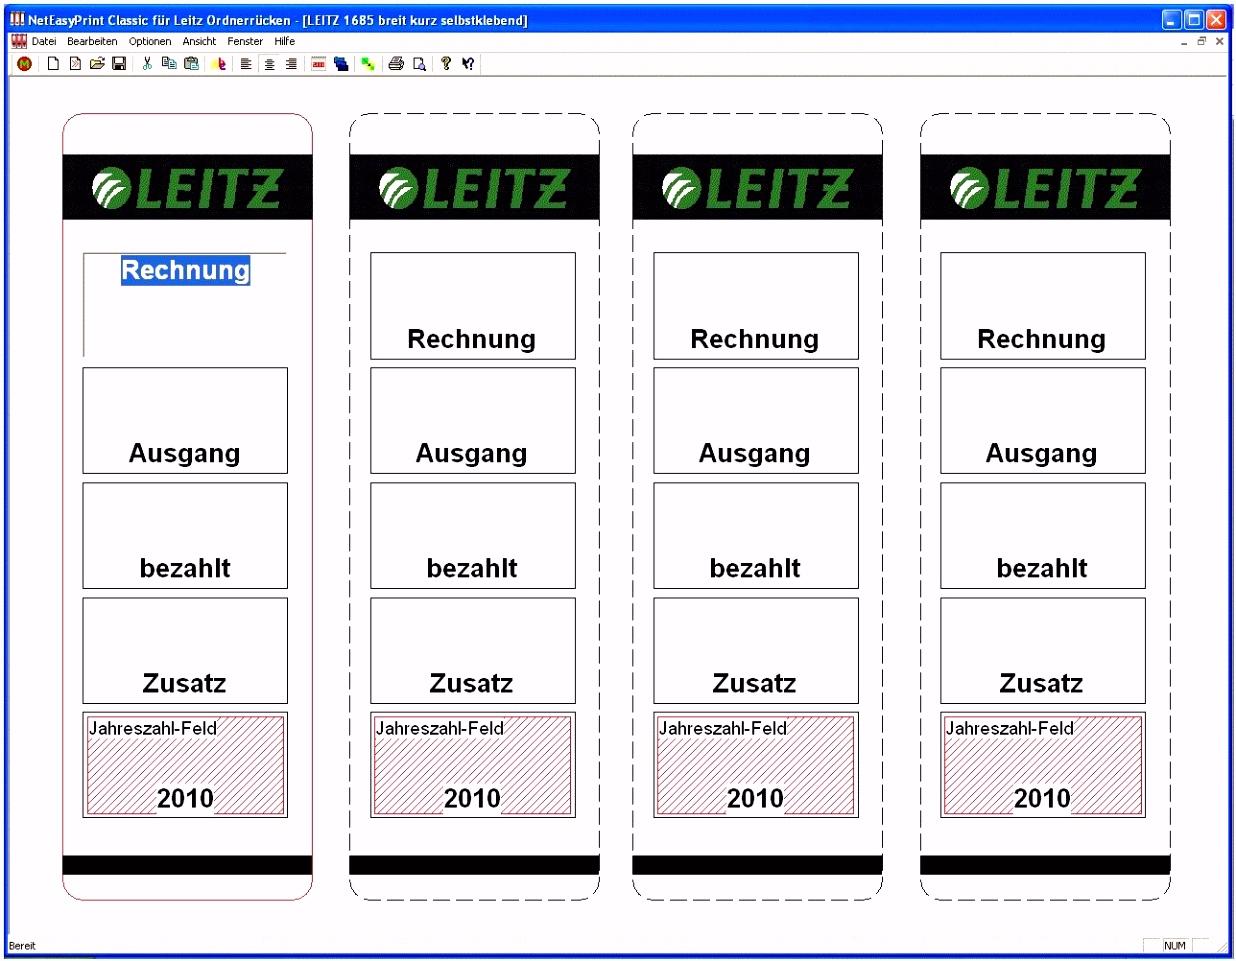 Leitz ordnerrucken Vorlage Word 2013 Leitz ordner Etiketten Vorlage Word Elegant Leitz ordnerrücken R1qg11esi3 Tsurmuojnv